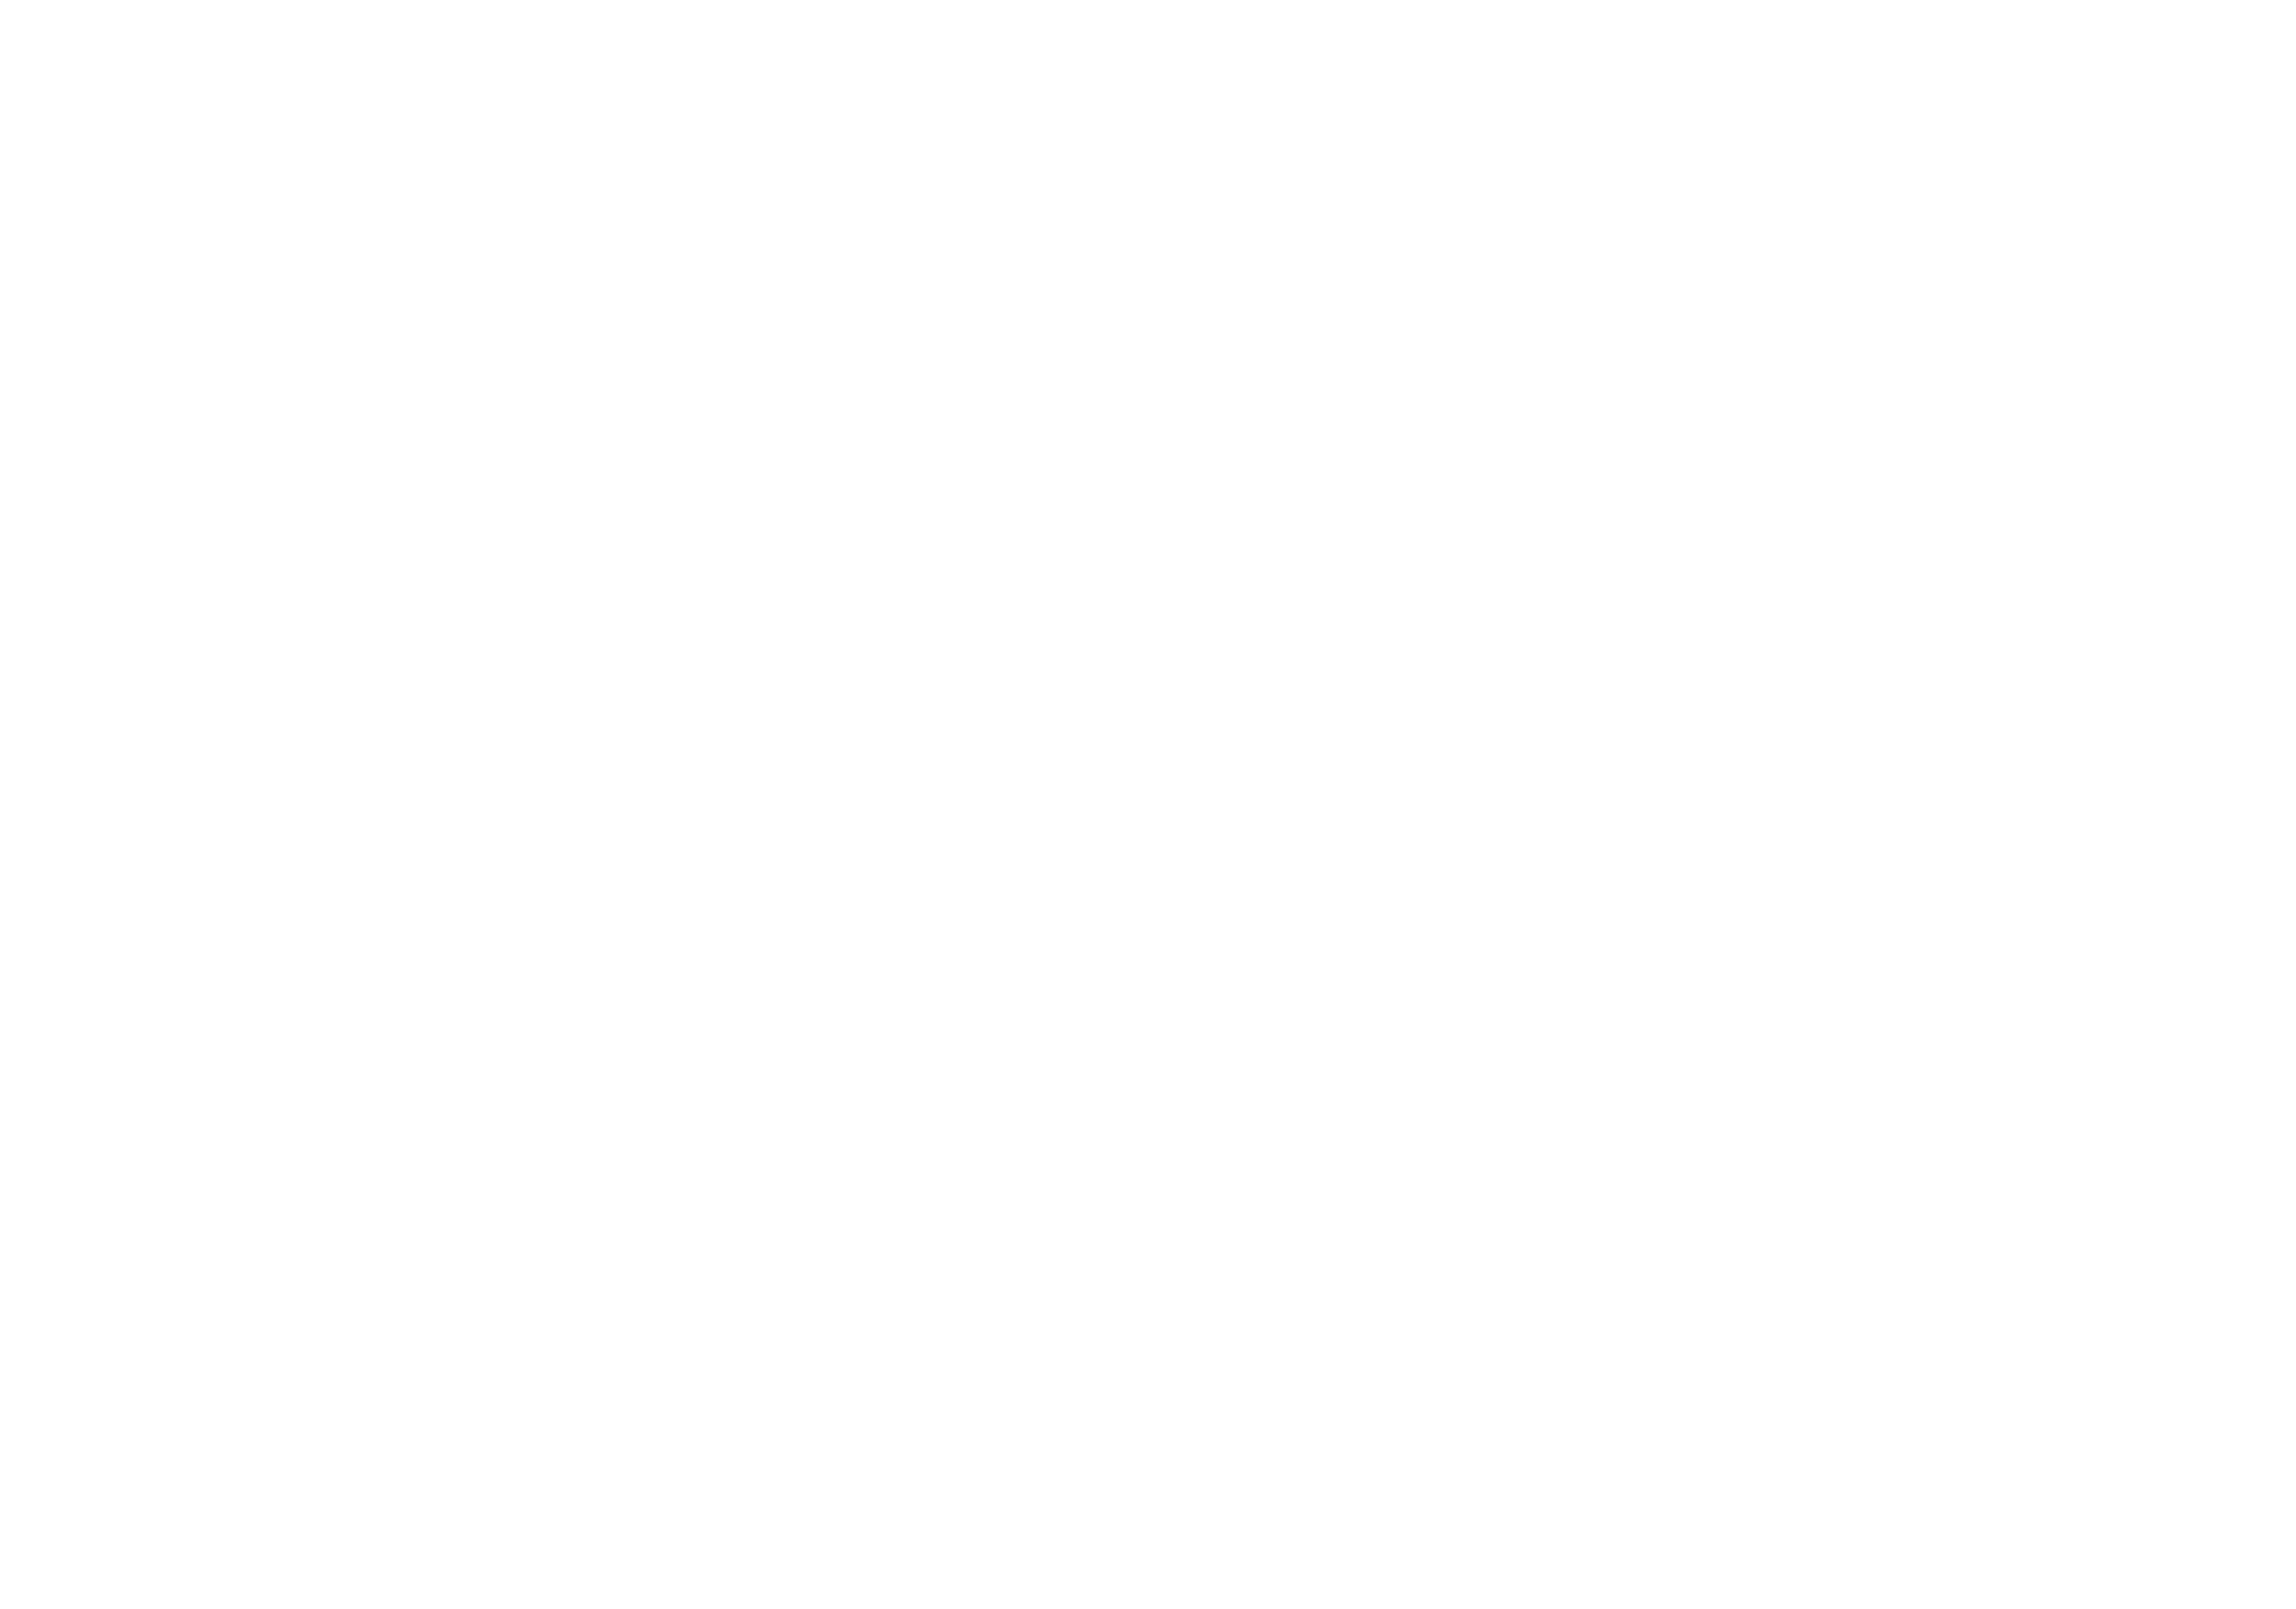 Spectreum